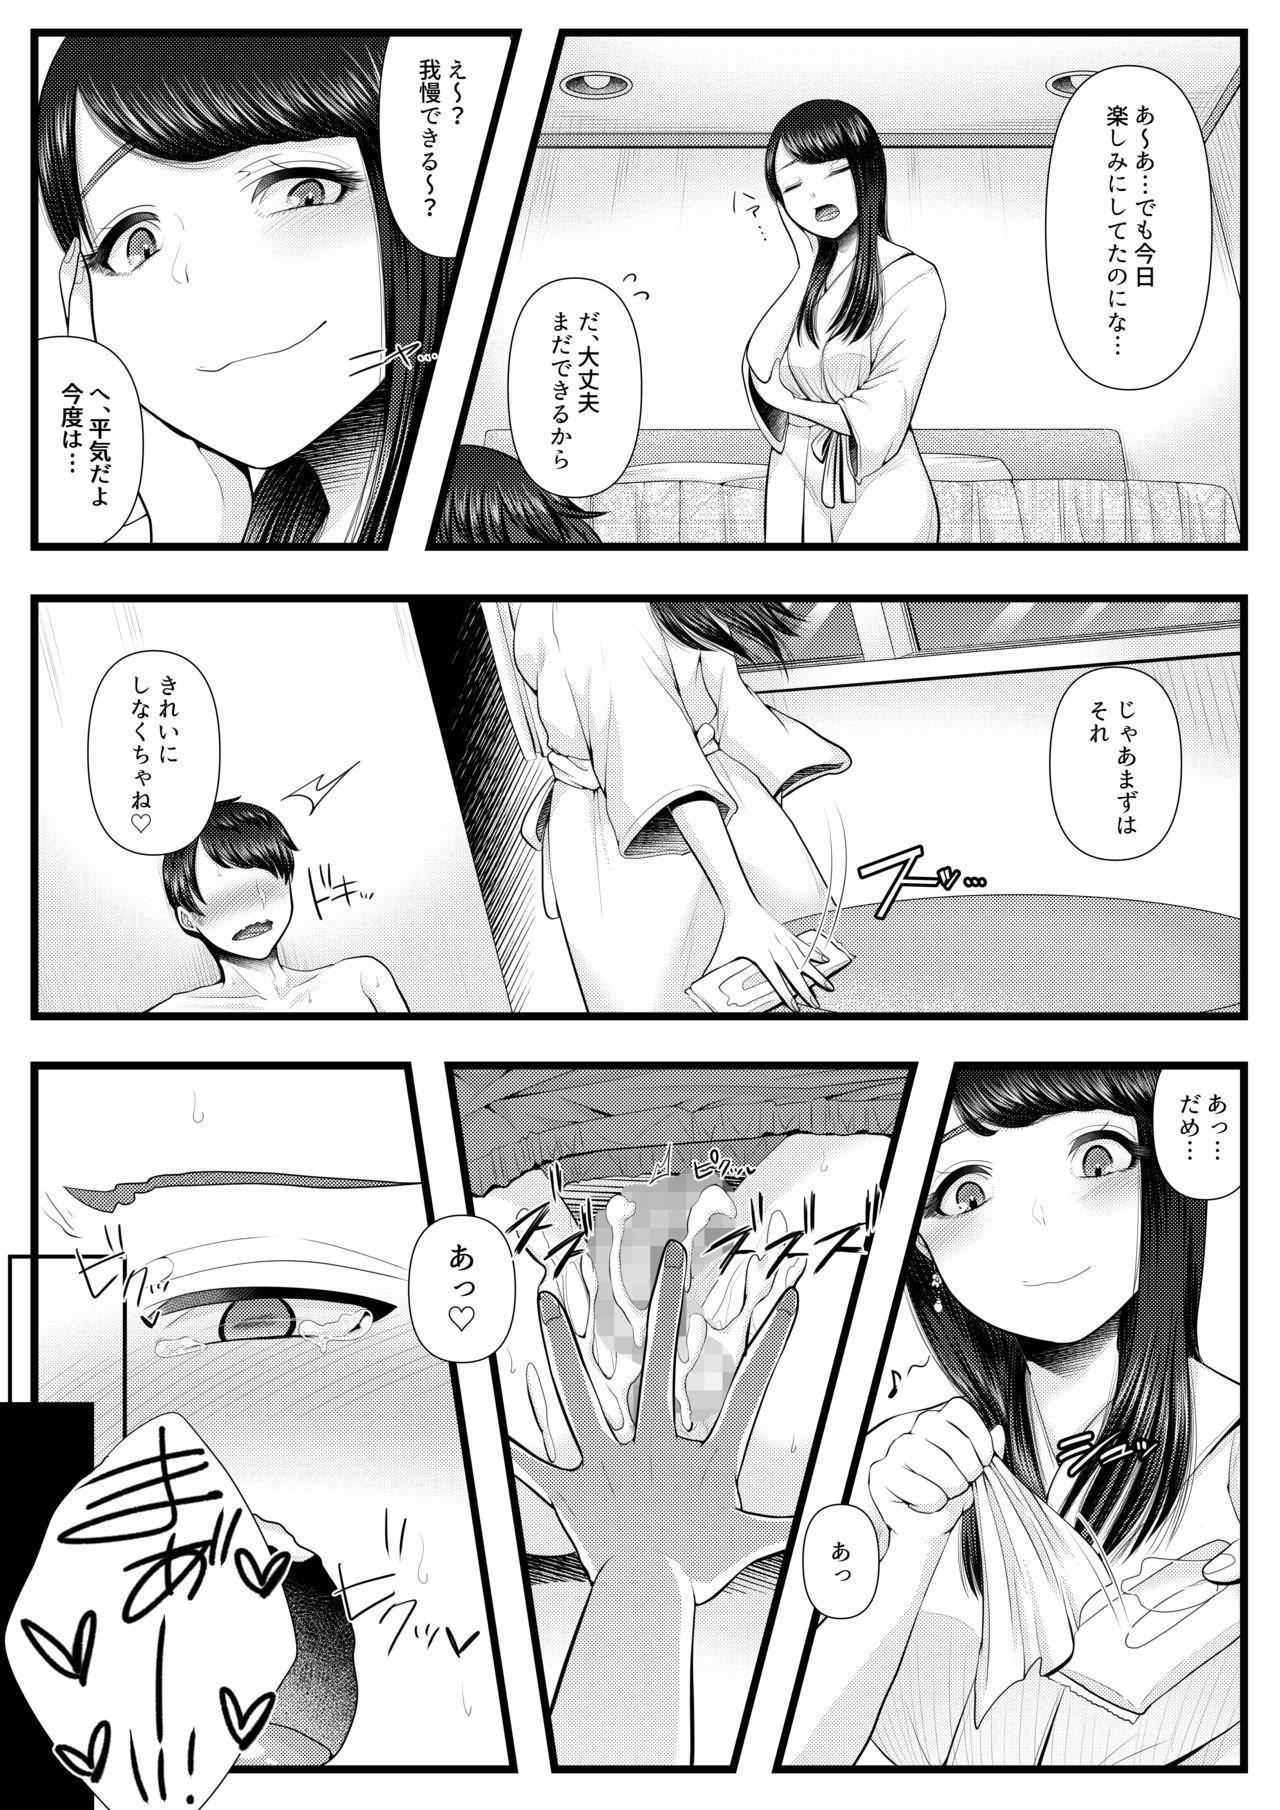 Hajimete no Netorare Maso-ka Choukyou 22